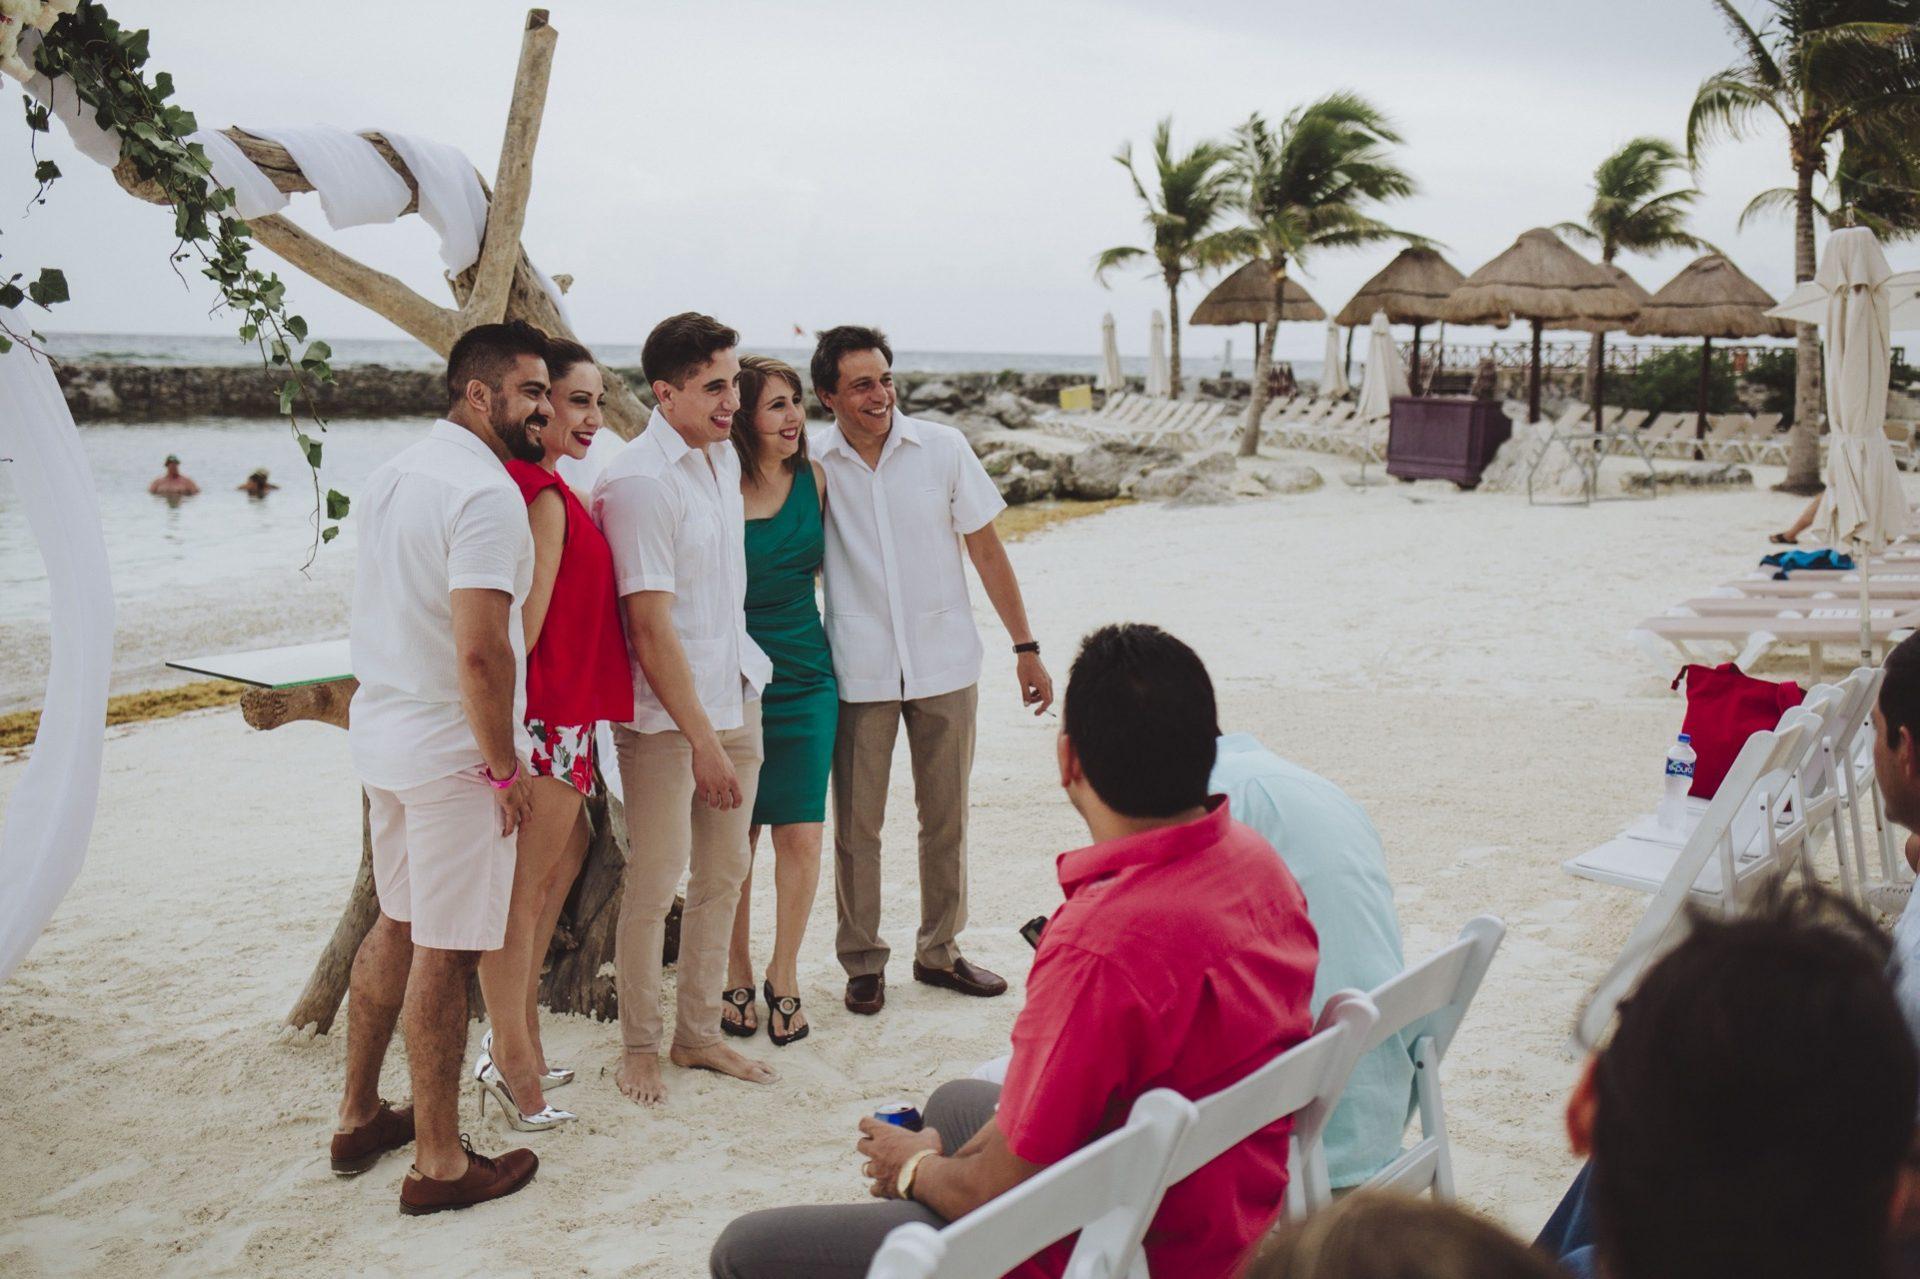 fotografo_bodas_profesional_zacatecas_riviera_maya_cancun-30